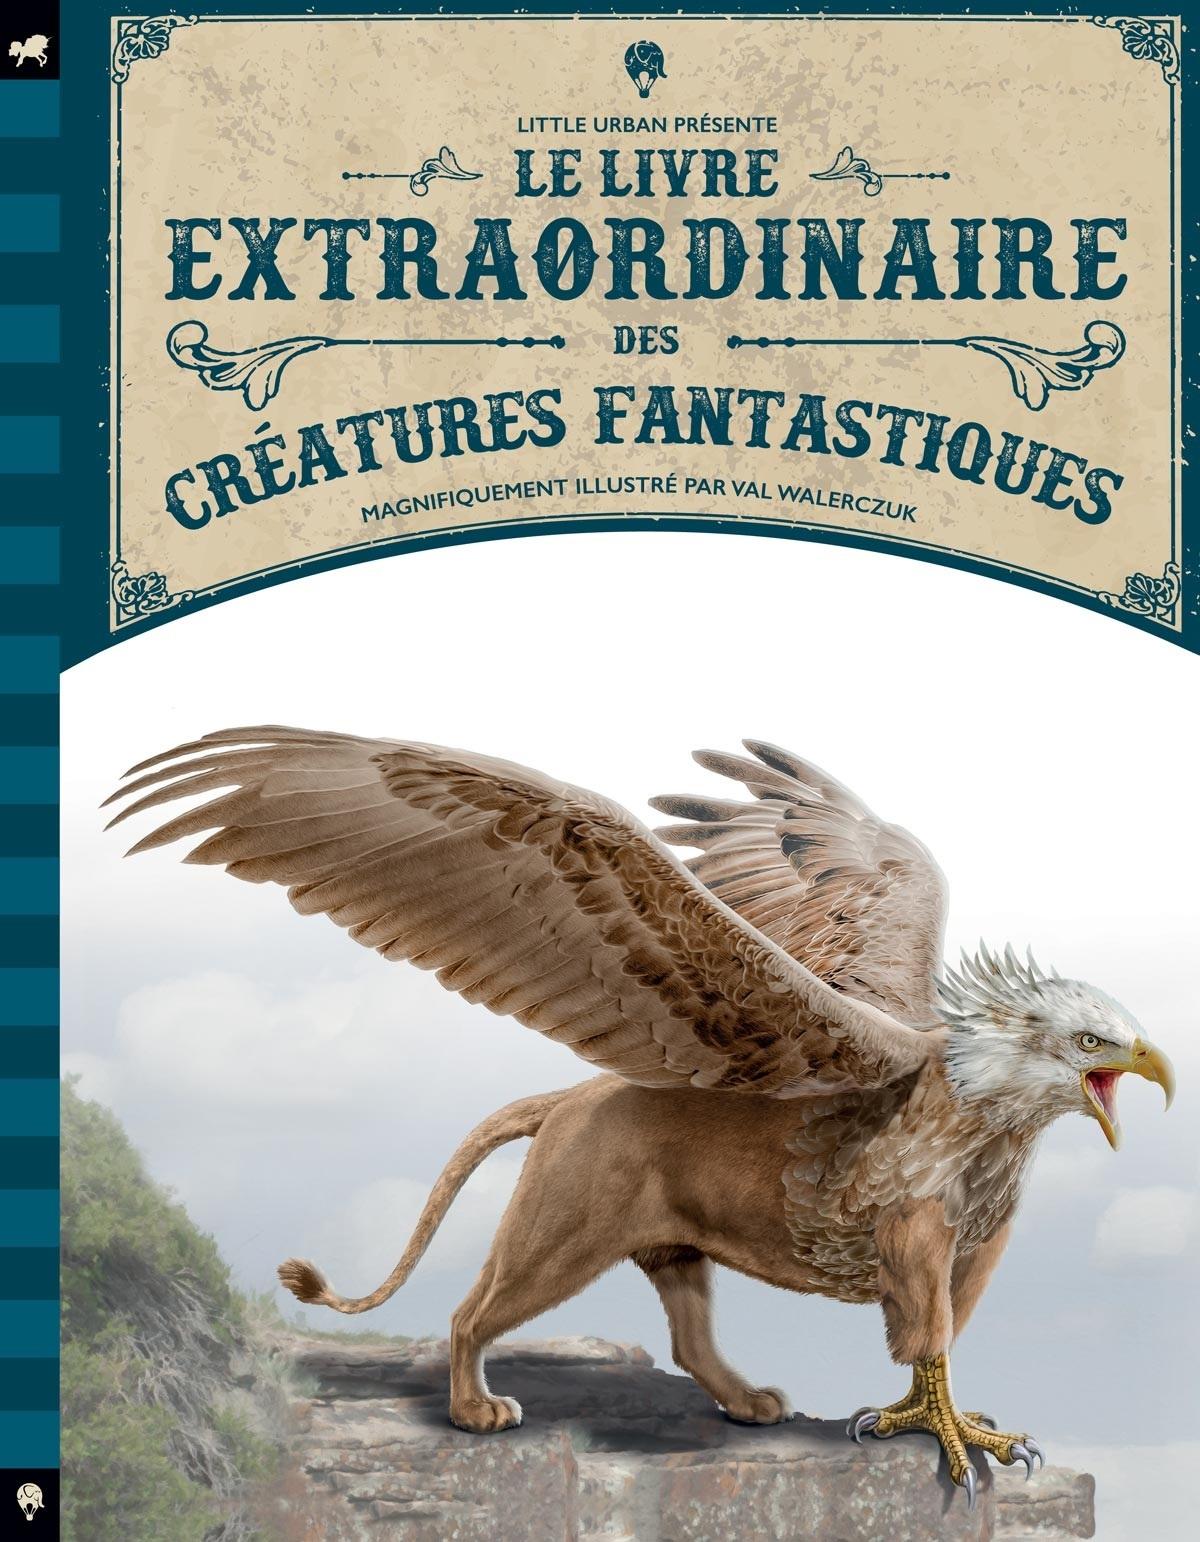 LE LIVRE EXTRAORDINAIRE DES CREATURES FANTASTIQUES